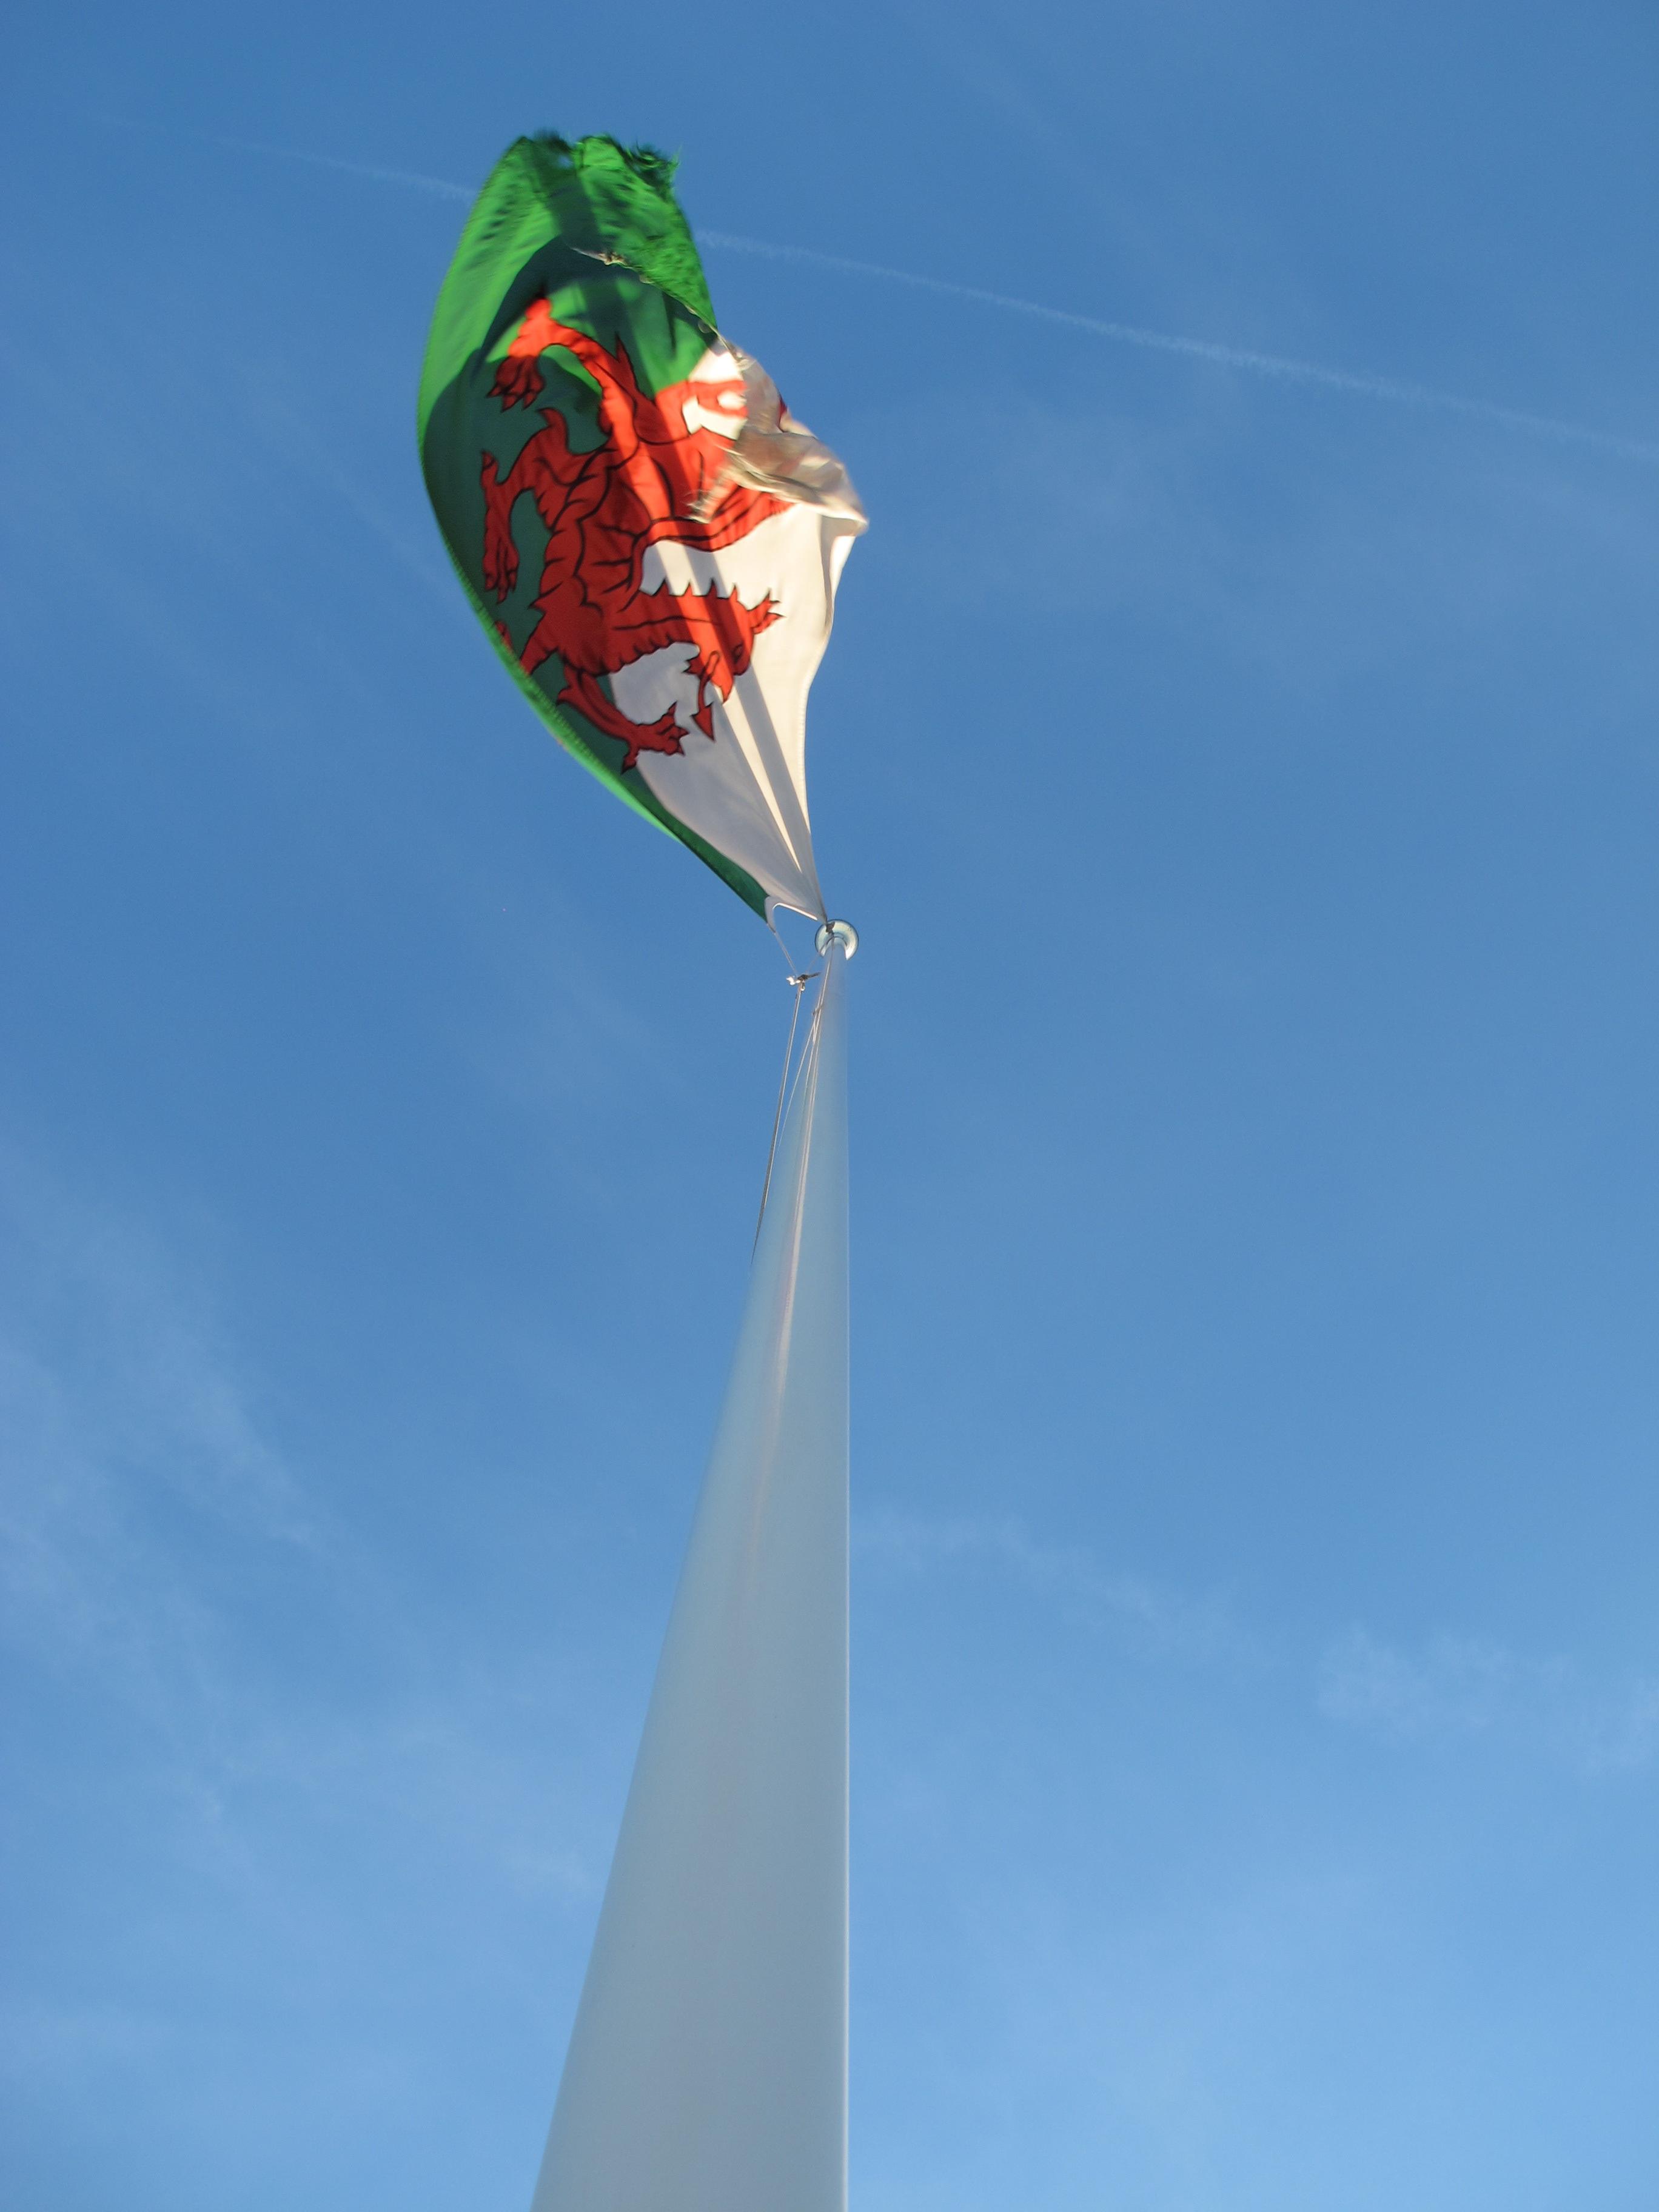 Fotos gratis : viento, mástil, bandera, azul, juguete, emblema ...